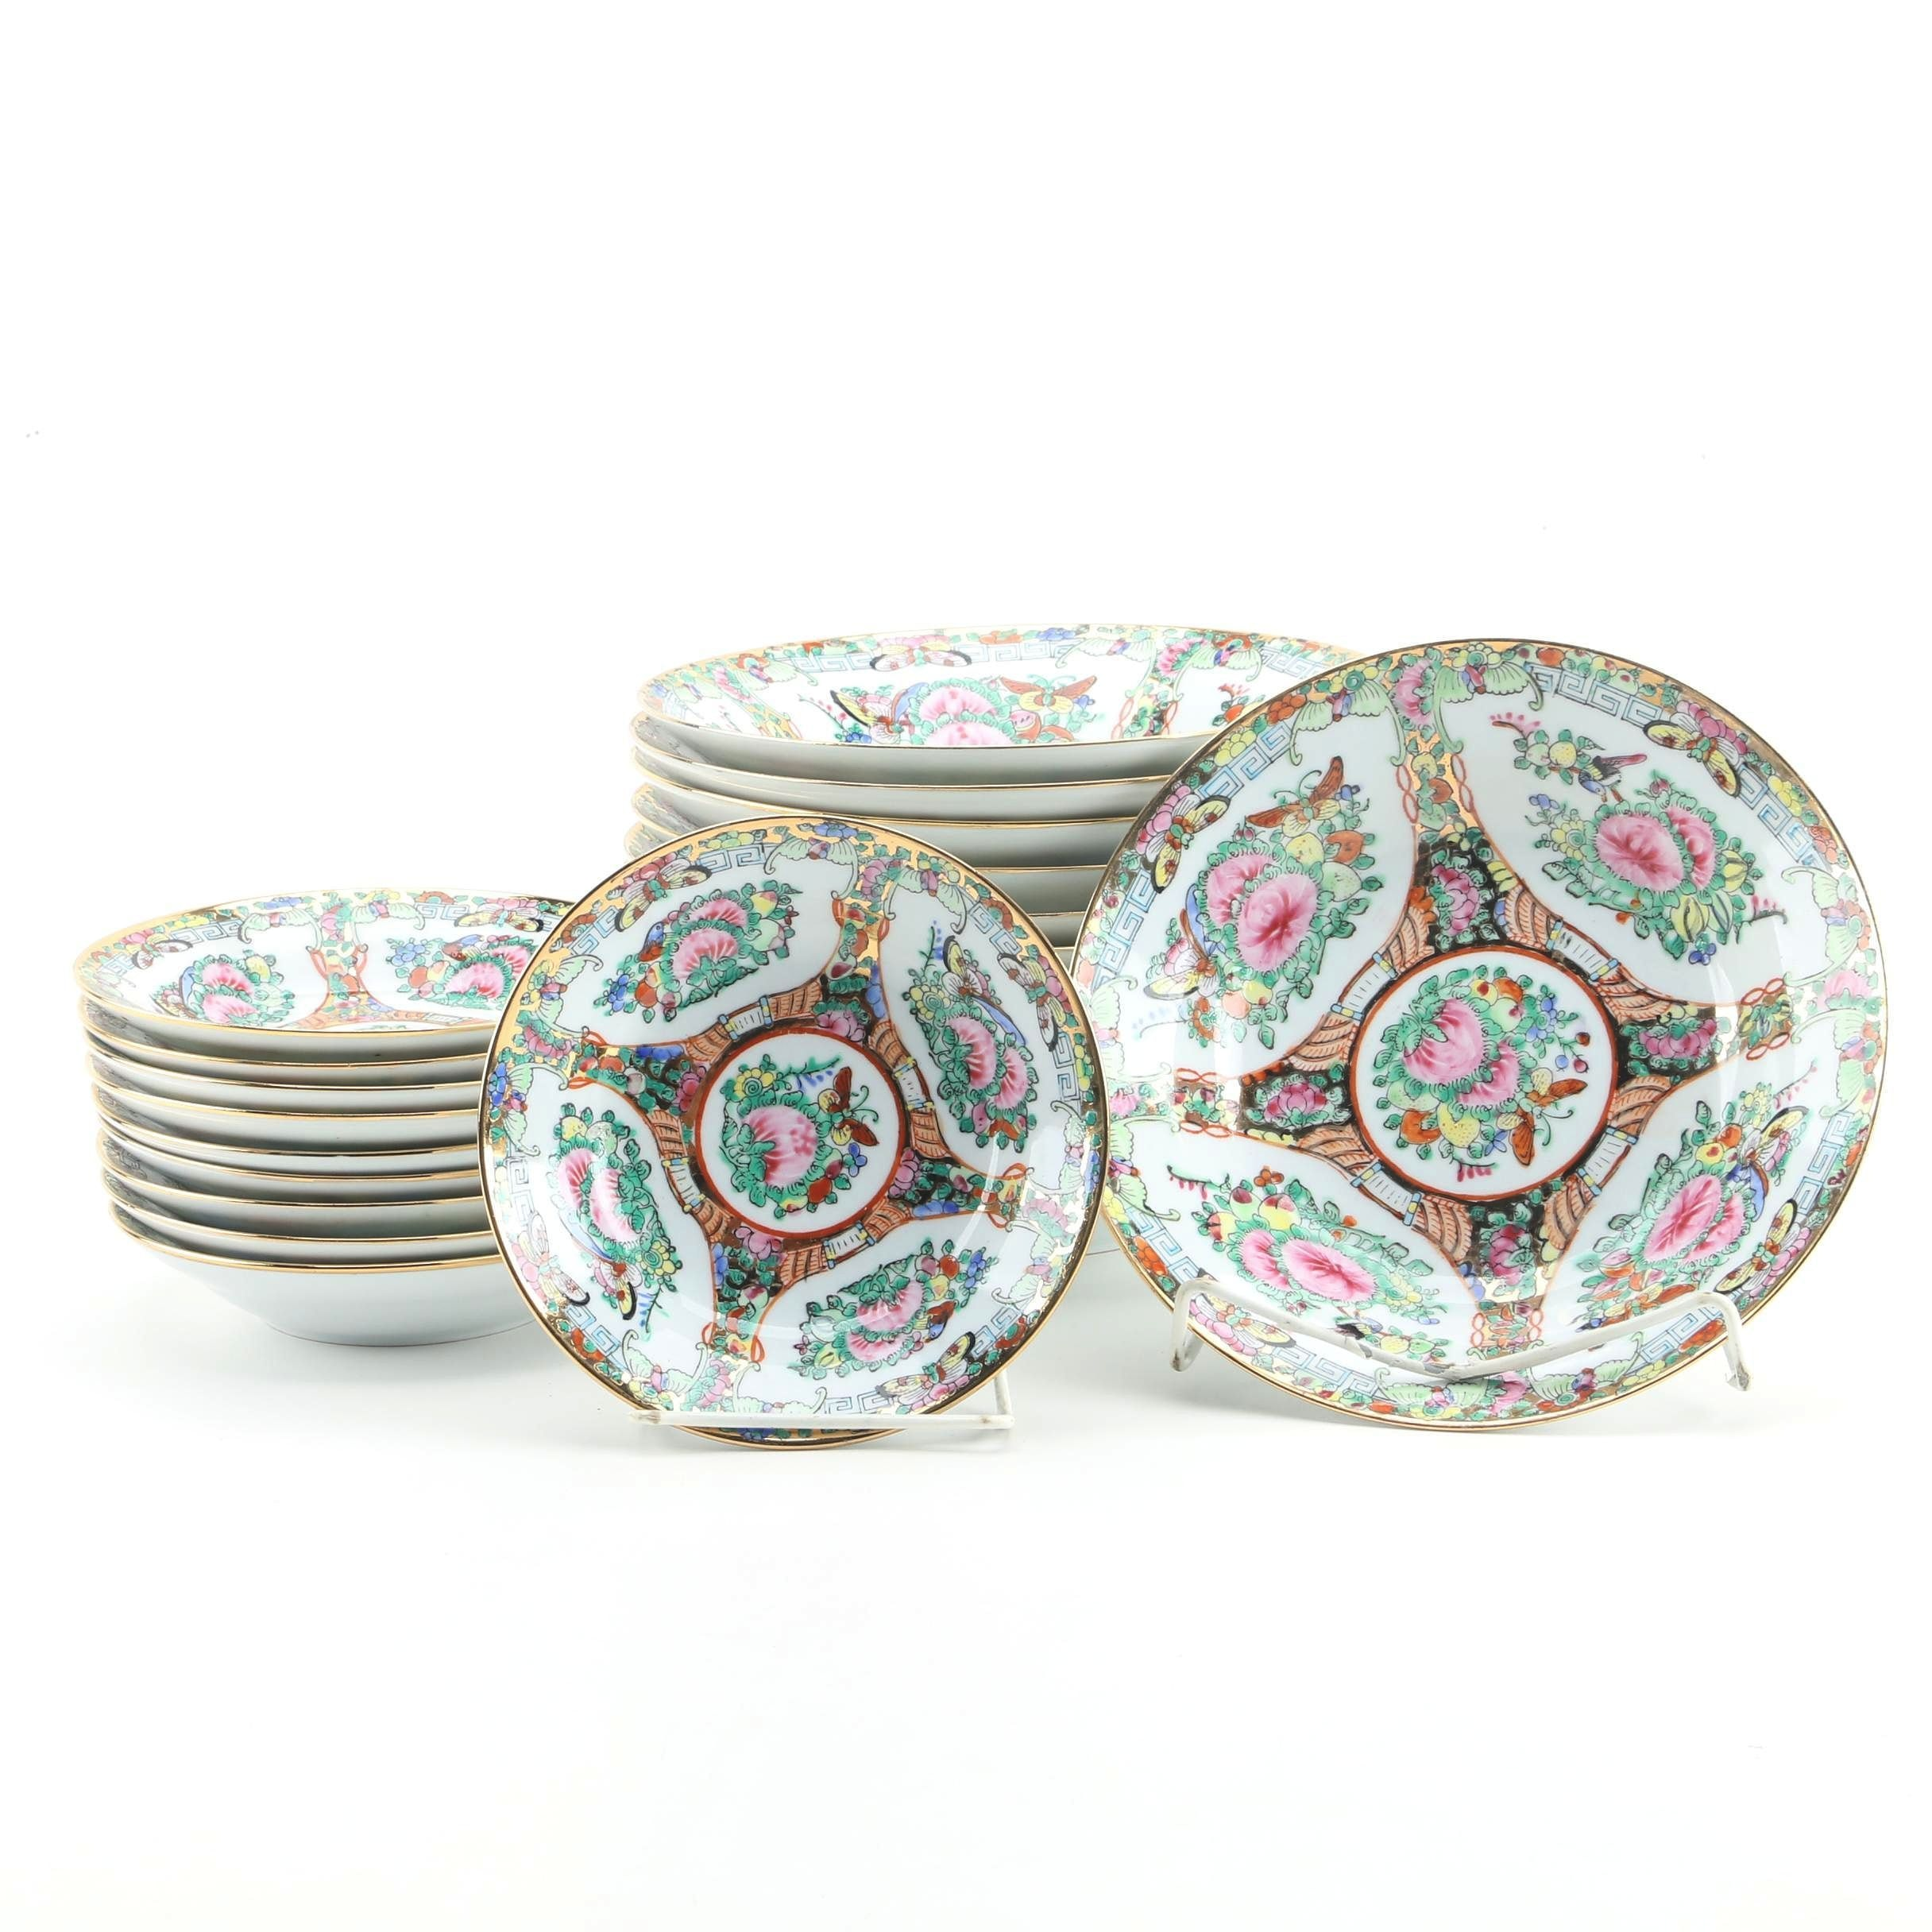 Vintage Chinese Rose Medallion Porcelain Bowls